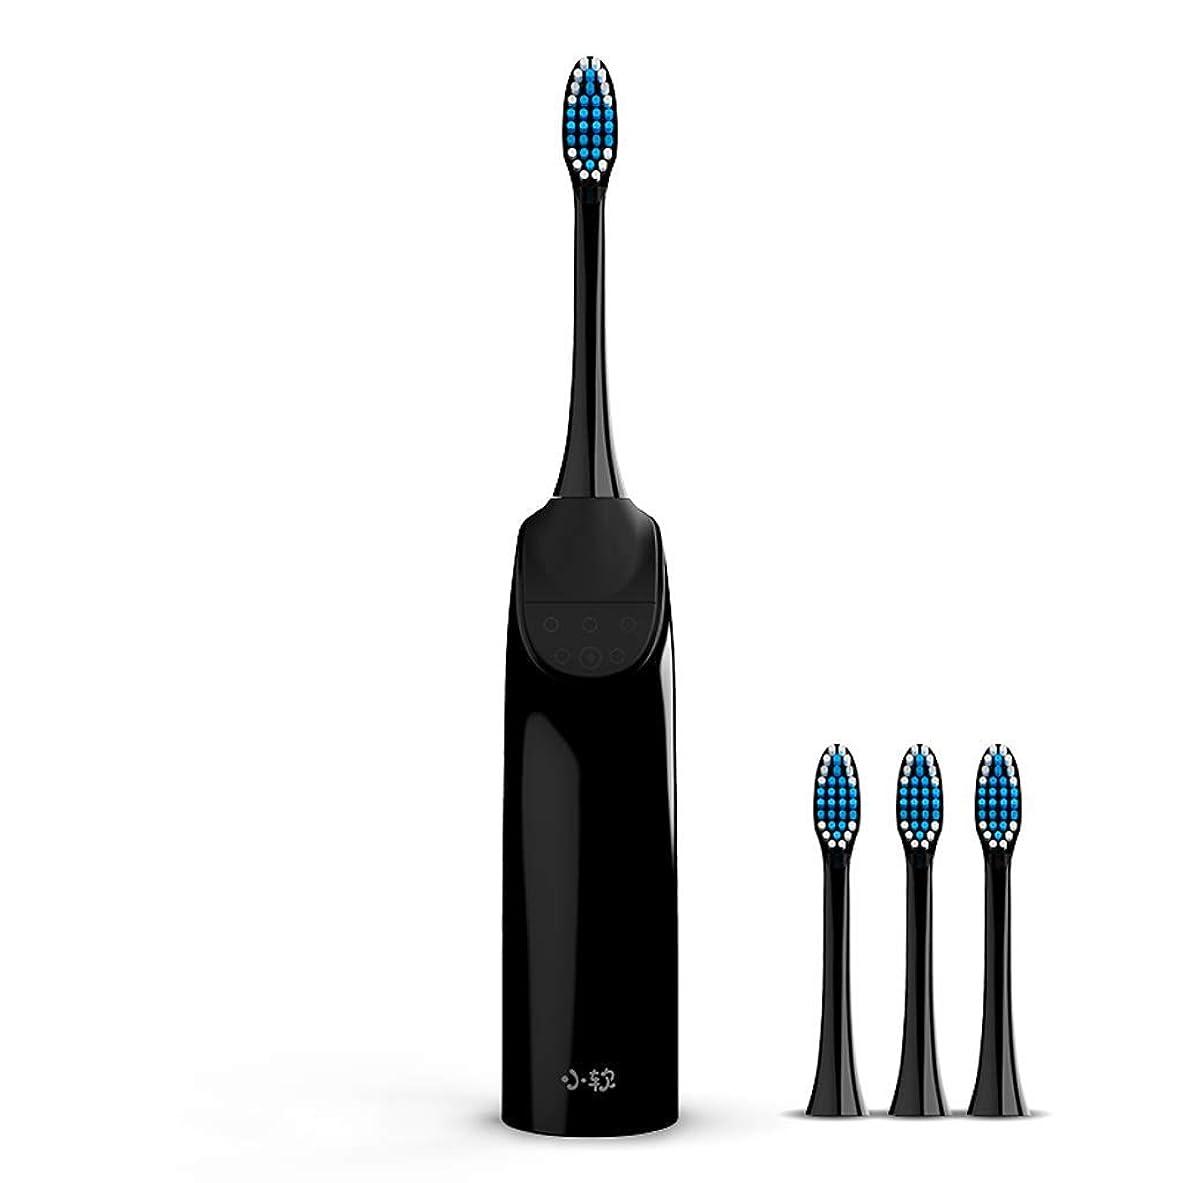 ライトニング食事確認してください電動歯ブラシ大人用充電式ソニック歯ブラシ自動歯ブラシ柔らかい毛人格家庭用歯ブラシ(カラー:ブラック、サイズ:4本のブラシヘッド)